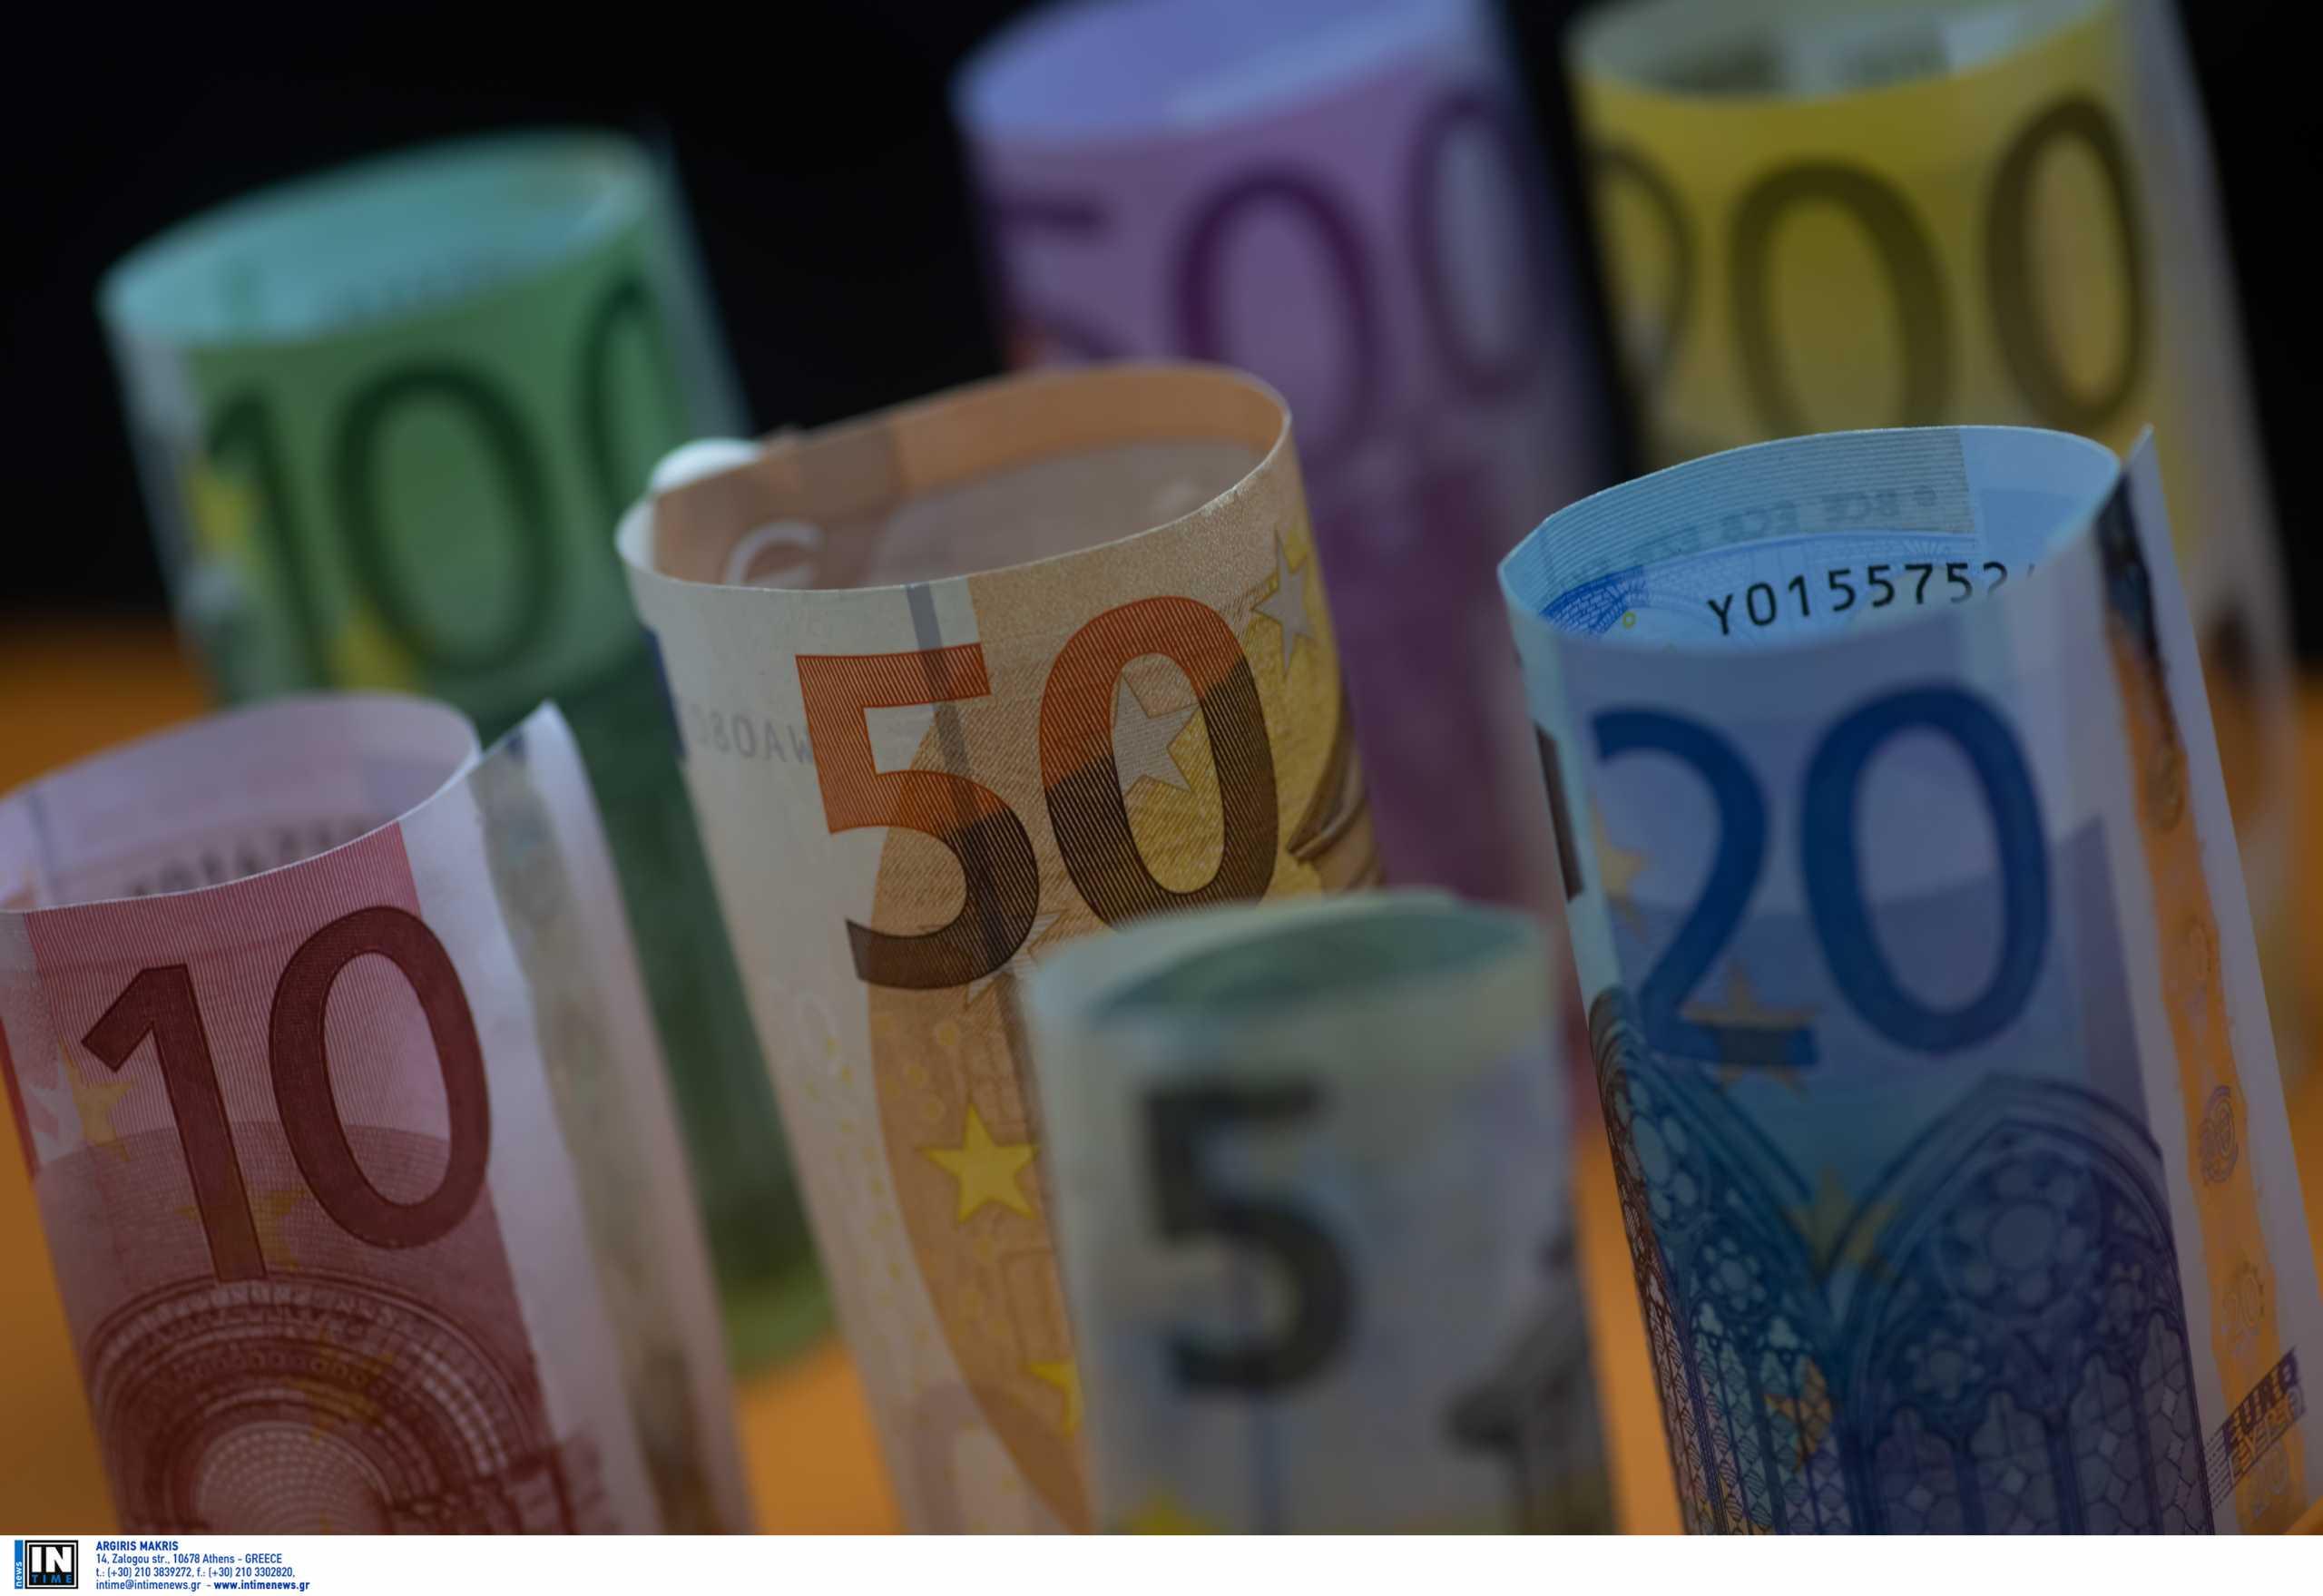 Υπουργείο Οικονομικών: Περαιτέρω ενίσχυση των επιχειρήσεων από τους άμεσα πληττόμενους κλάδους